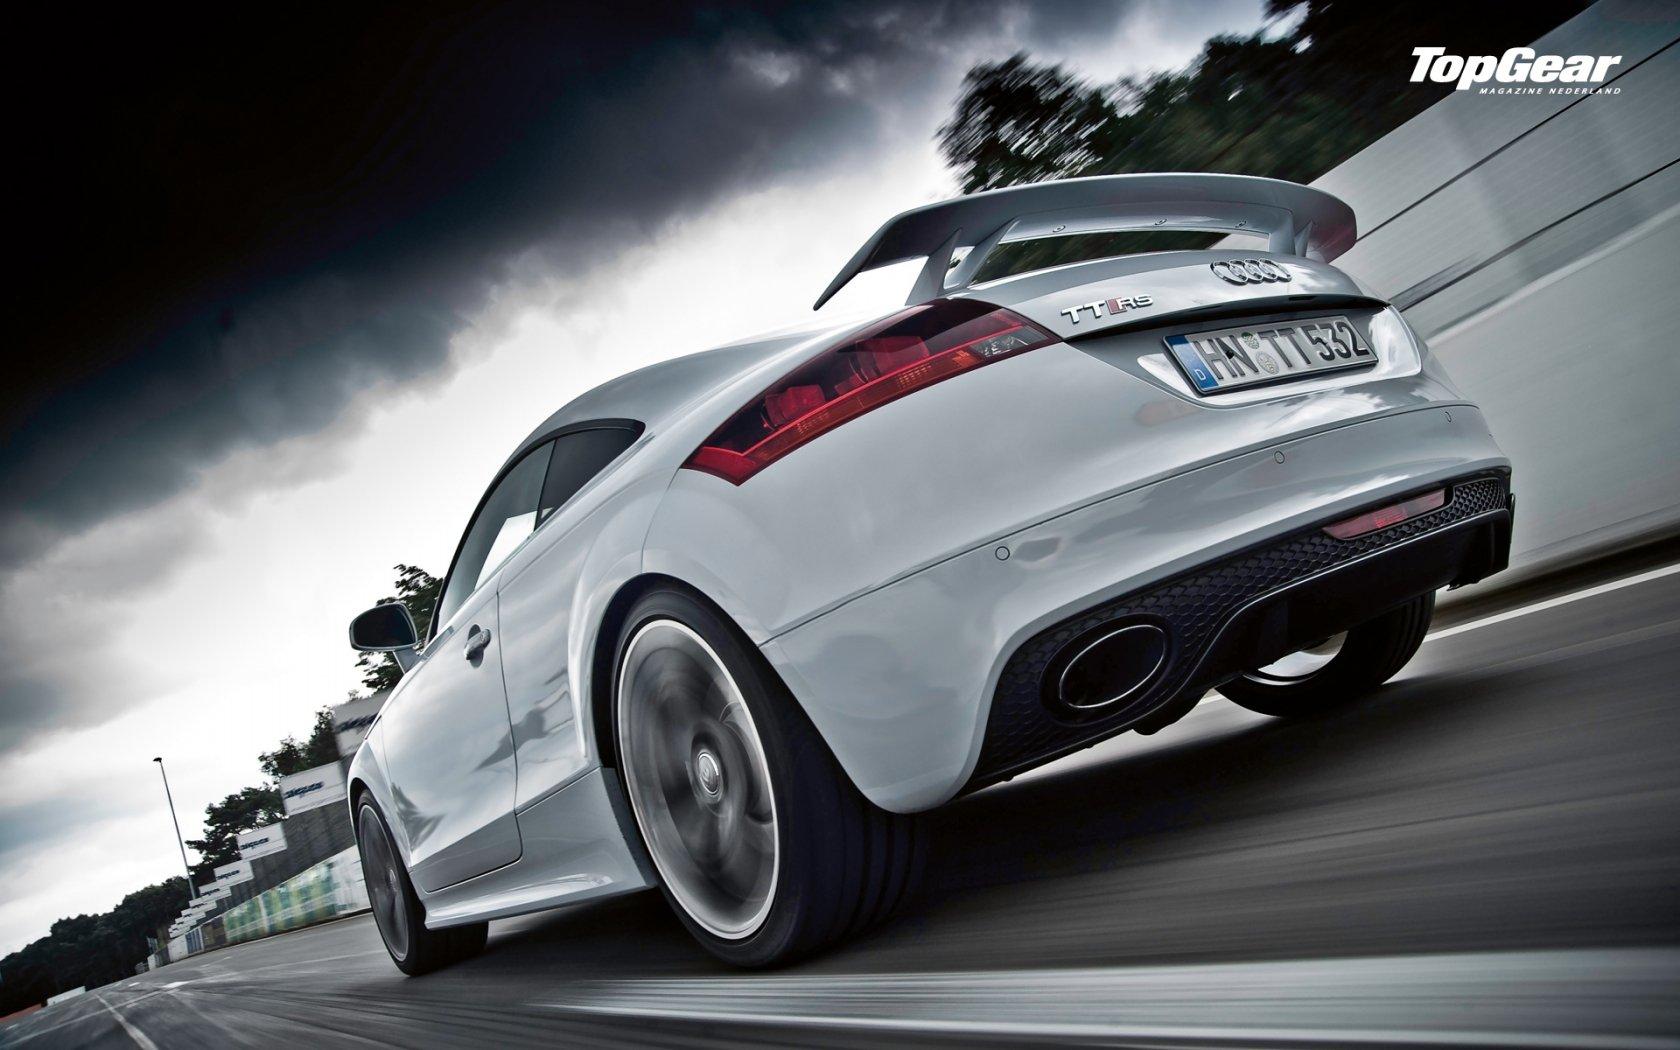 Audi TT RS Wallpaper 1680x1050